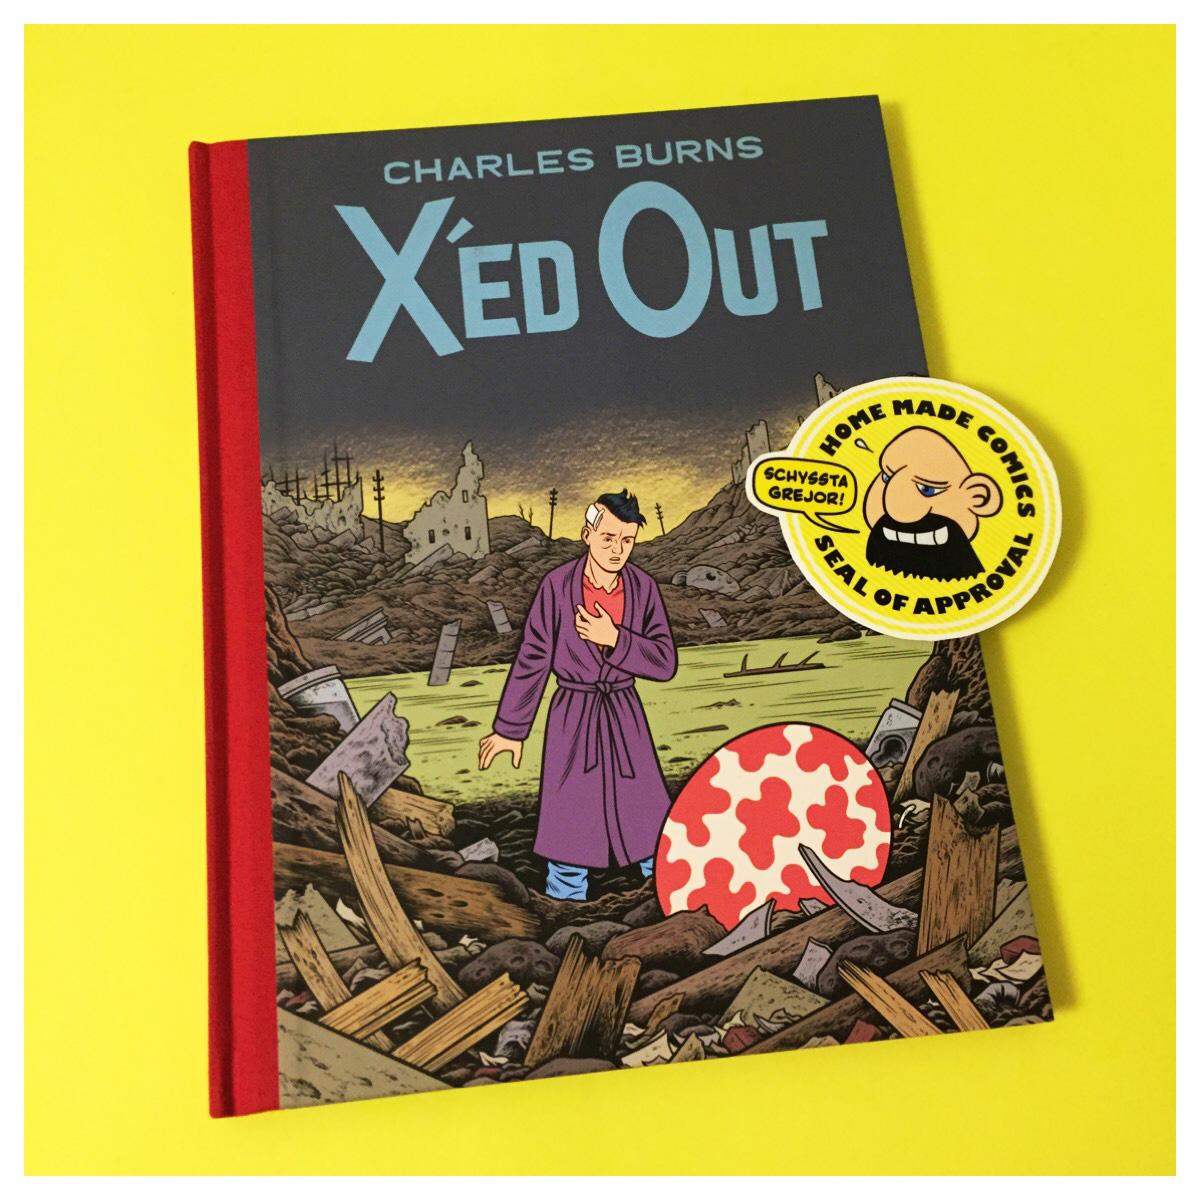 Home Made Comics Seal of Approval #174. X'ed Out av Charles Burns utgiven av Pantheon 2010.